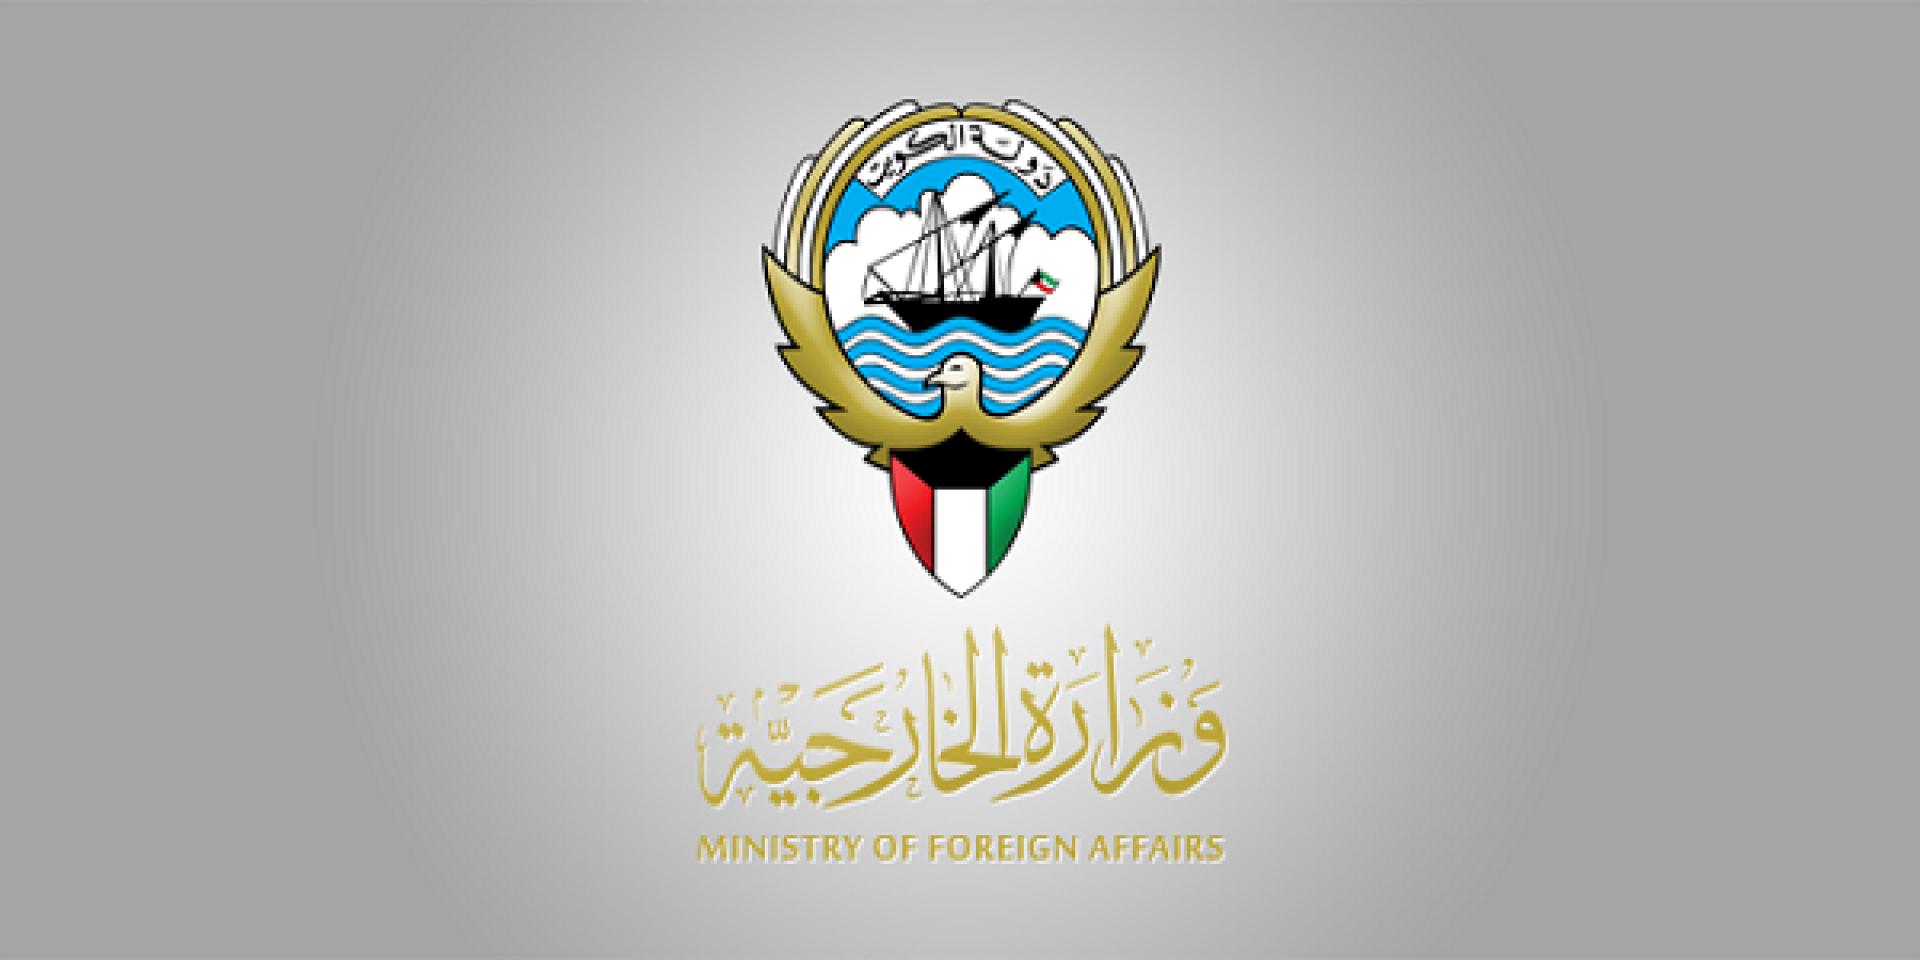 وزارة الخارجية لمواطنينا في الخارج: لا تنتقلوا من بلد لآخر من دون التنسيق مع بعثات الكويت